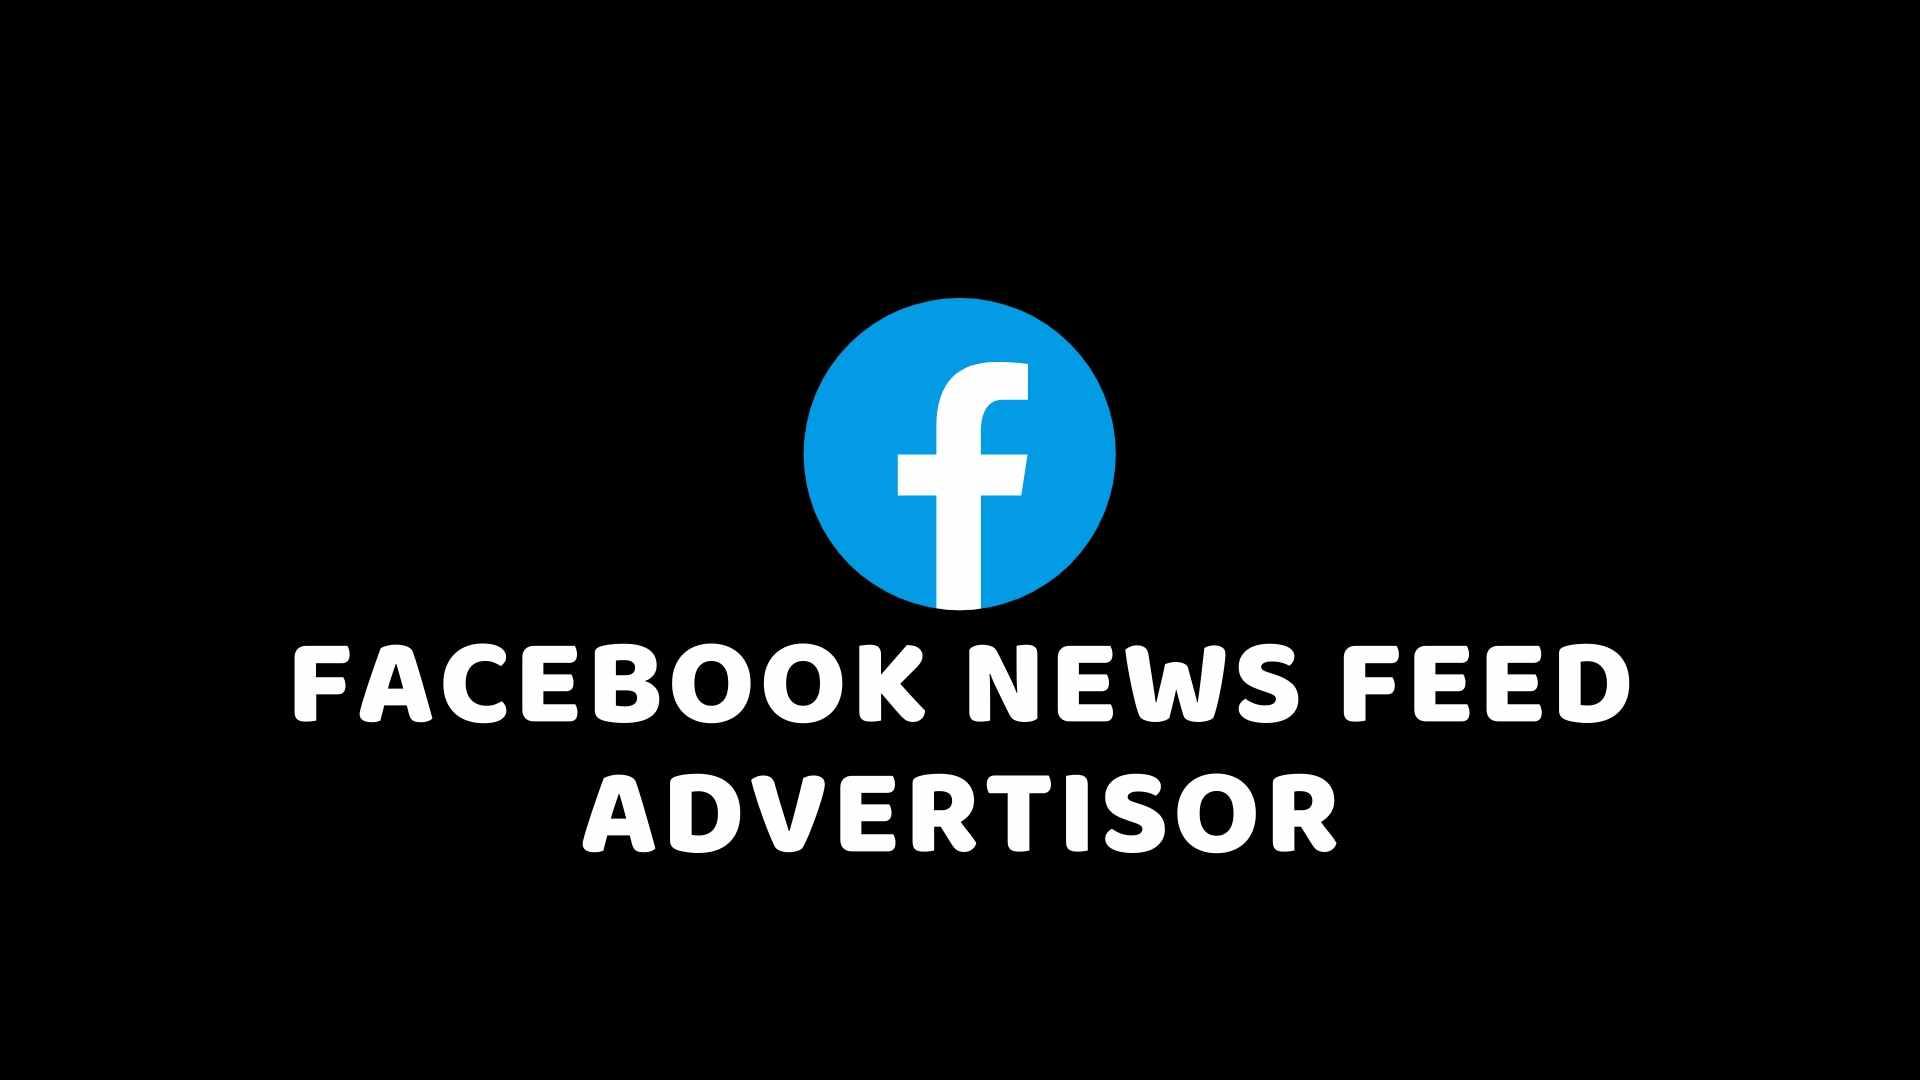 Facebook के News Feed परिवर्तन से Advertiser के लिए जानकारी – हिंदी में जानकारी